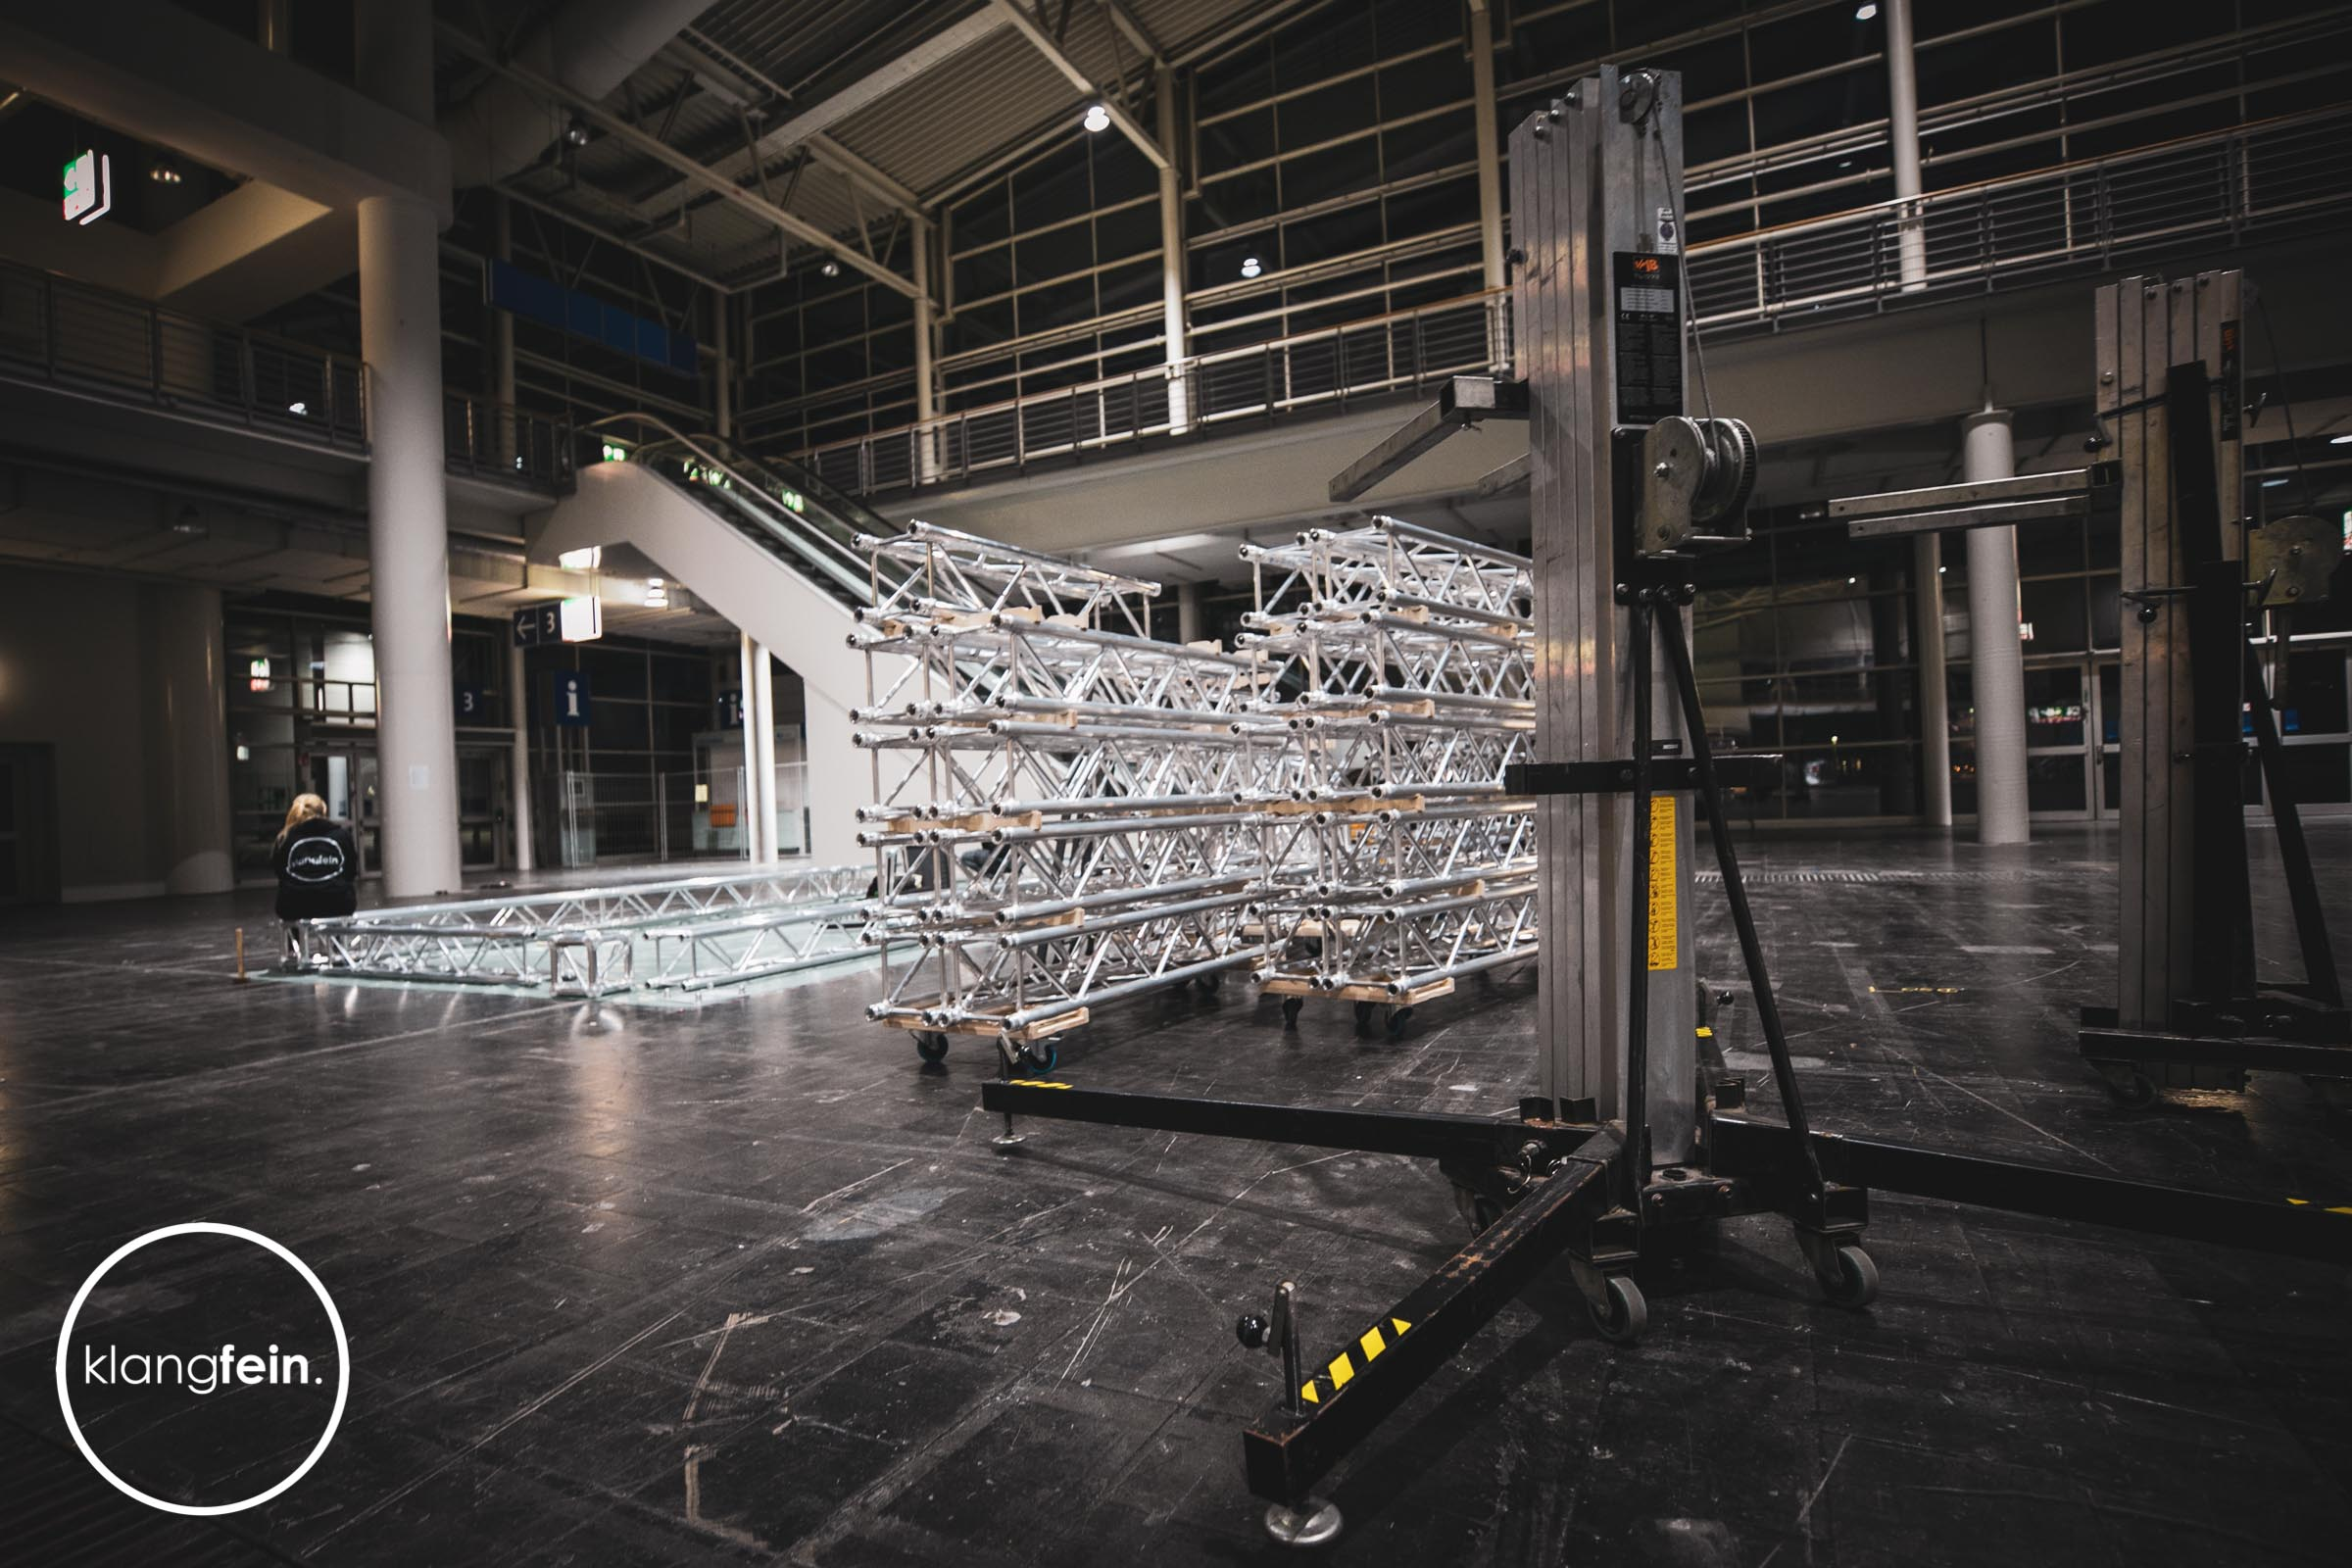 Messestand | Bauen | Leihen |Agentur |Hannover |Klangfein | Traversen | Konstruktion | Truss | Construction |Planung |Konzeption | Light |Sound |Design |Architektur |Planung |Messe